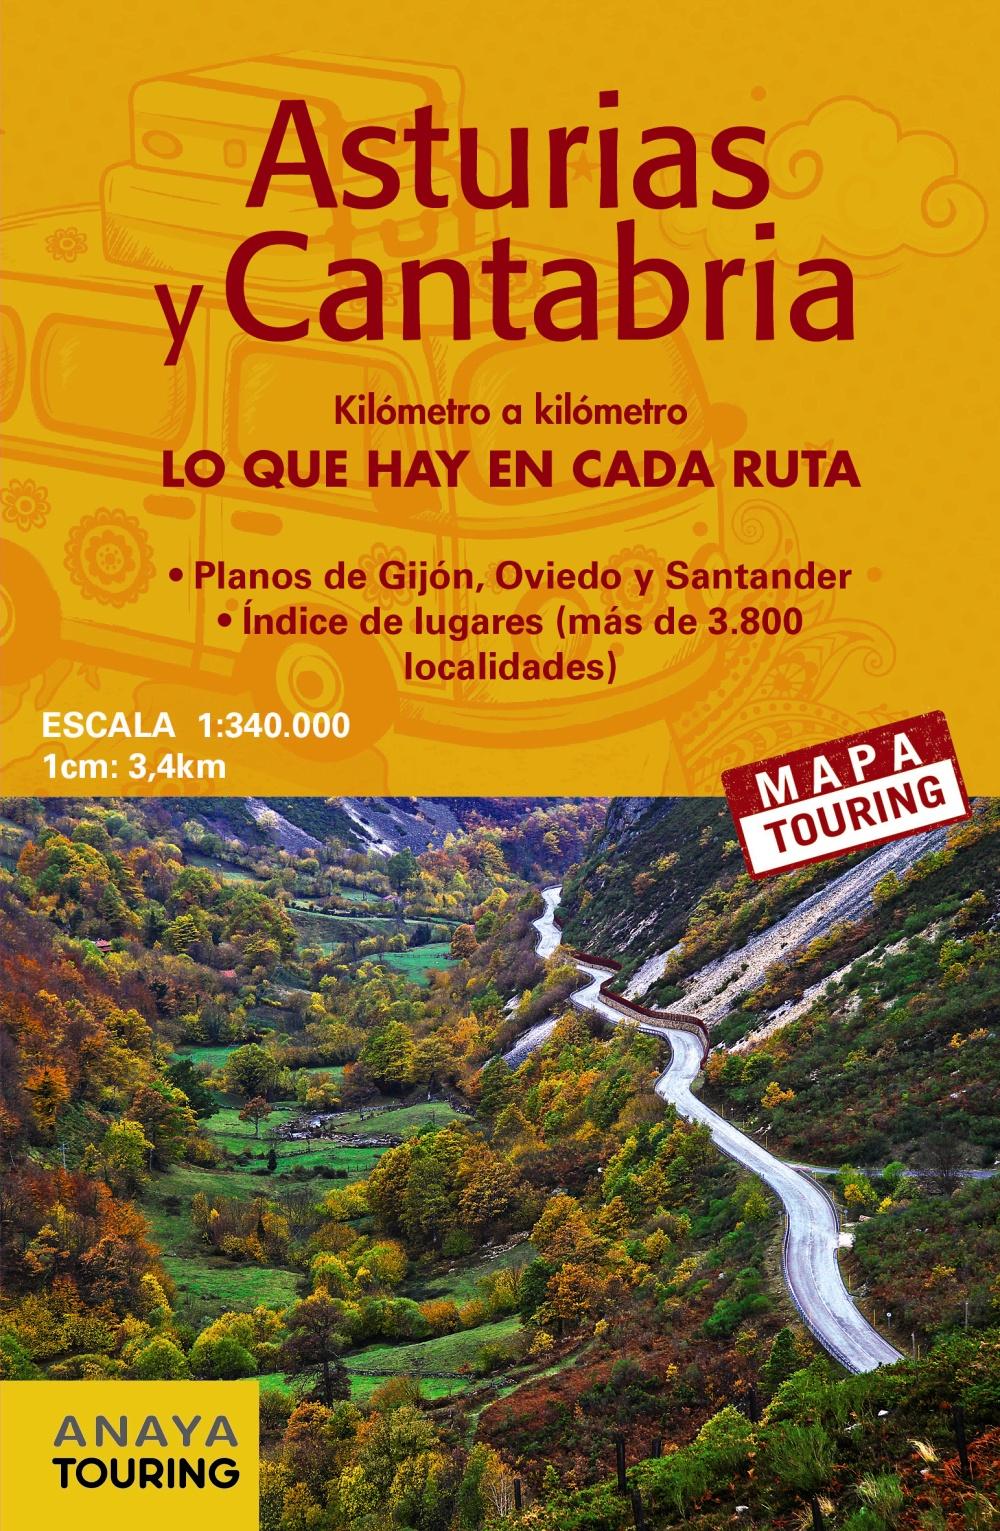 Guías de viaje Anaya Touring - Guía Total Asturias